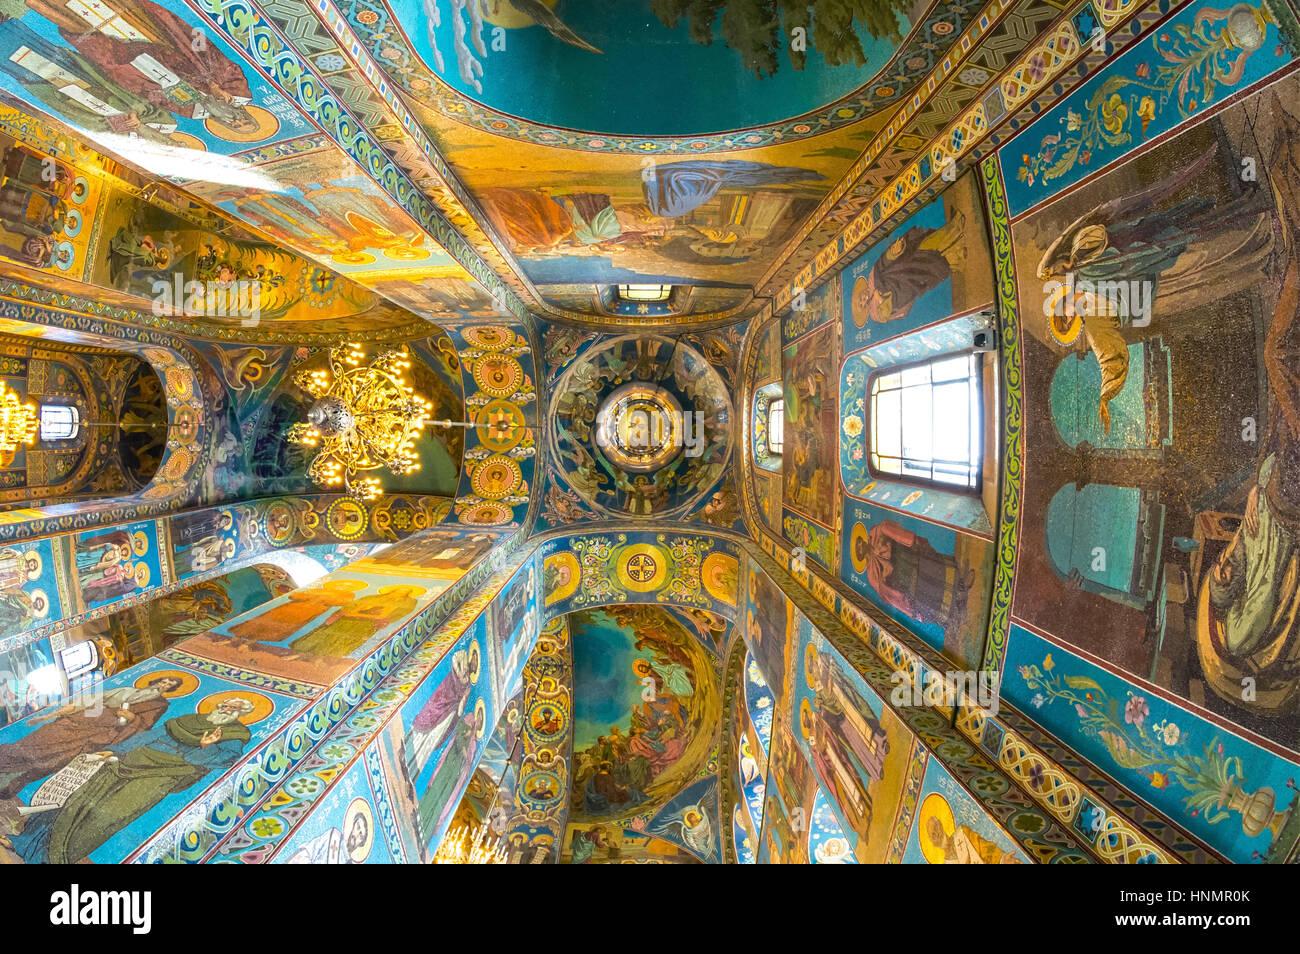 ST. Petersburgo, Rusia, 14 de julio de 2016: el interior de la Iglesia de El Salvador sobre la Sangre Derramada. Imagen De Stock